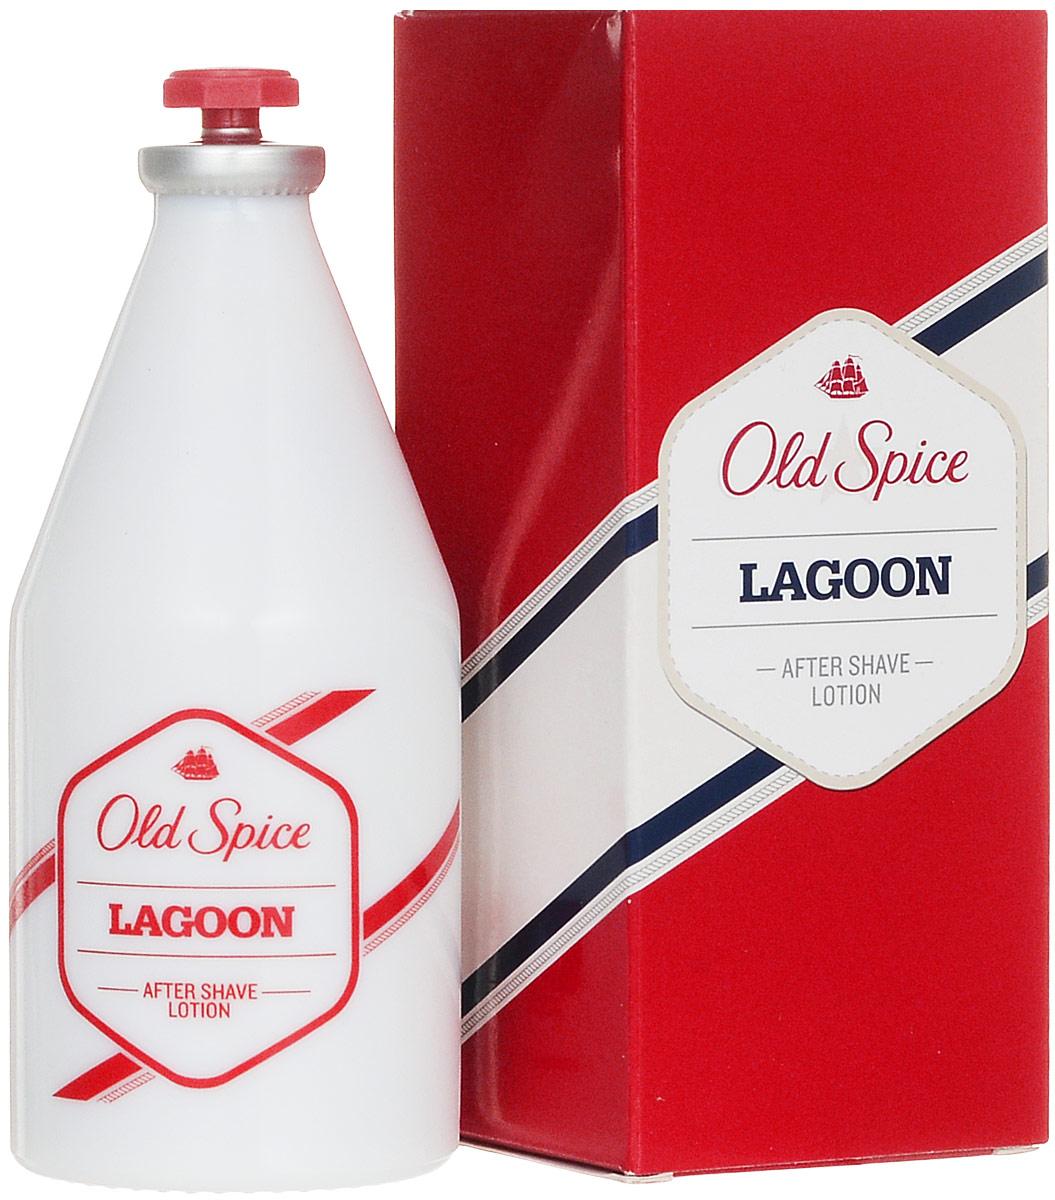 Old Spice Лосьон после бритья Lagoon, 100 млOS-81090144Аромат для настоящих мужчин! Из-за непревзойденной свежести Old Spice Lagoon многие мужчины теряют ощущение времени и пространства. Так что если вы заметите на улице хорошо выглядящего и пахнущего свежестью мужчину с потерянным выражением лица, то велика вероятность, что вы наткнулись на нового пользователя Old Spice Lagoon. Правда, возможно, он сошел с ума и по другой причине, так что будьте аккуратны. Внимание! Когда ты умываешься лосьоном после бритья Old Spice ты можешь внезапно пробудить воспоминания о катании на водных лыжах на голубых океанских волнах за минуту до того, как соберёшься выпить коктейль на яхте рядом с прекрасной девушкой, любуясь закатом. Характеристики: Объем: 100 мл. Производитель: Германия. Артикул: 99702547. Товар сертифицирован.